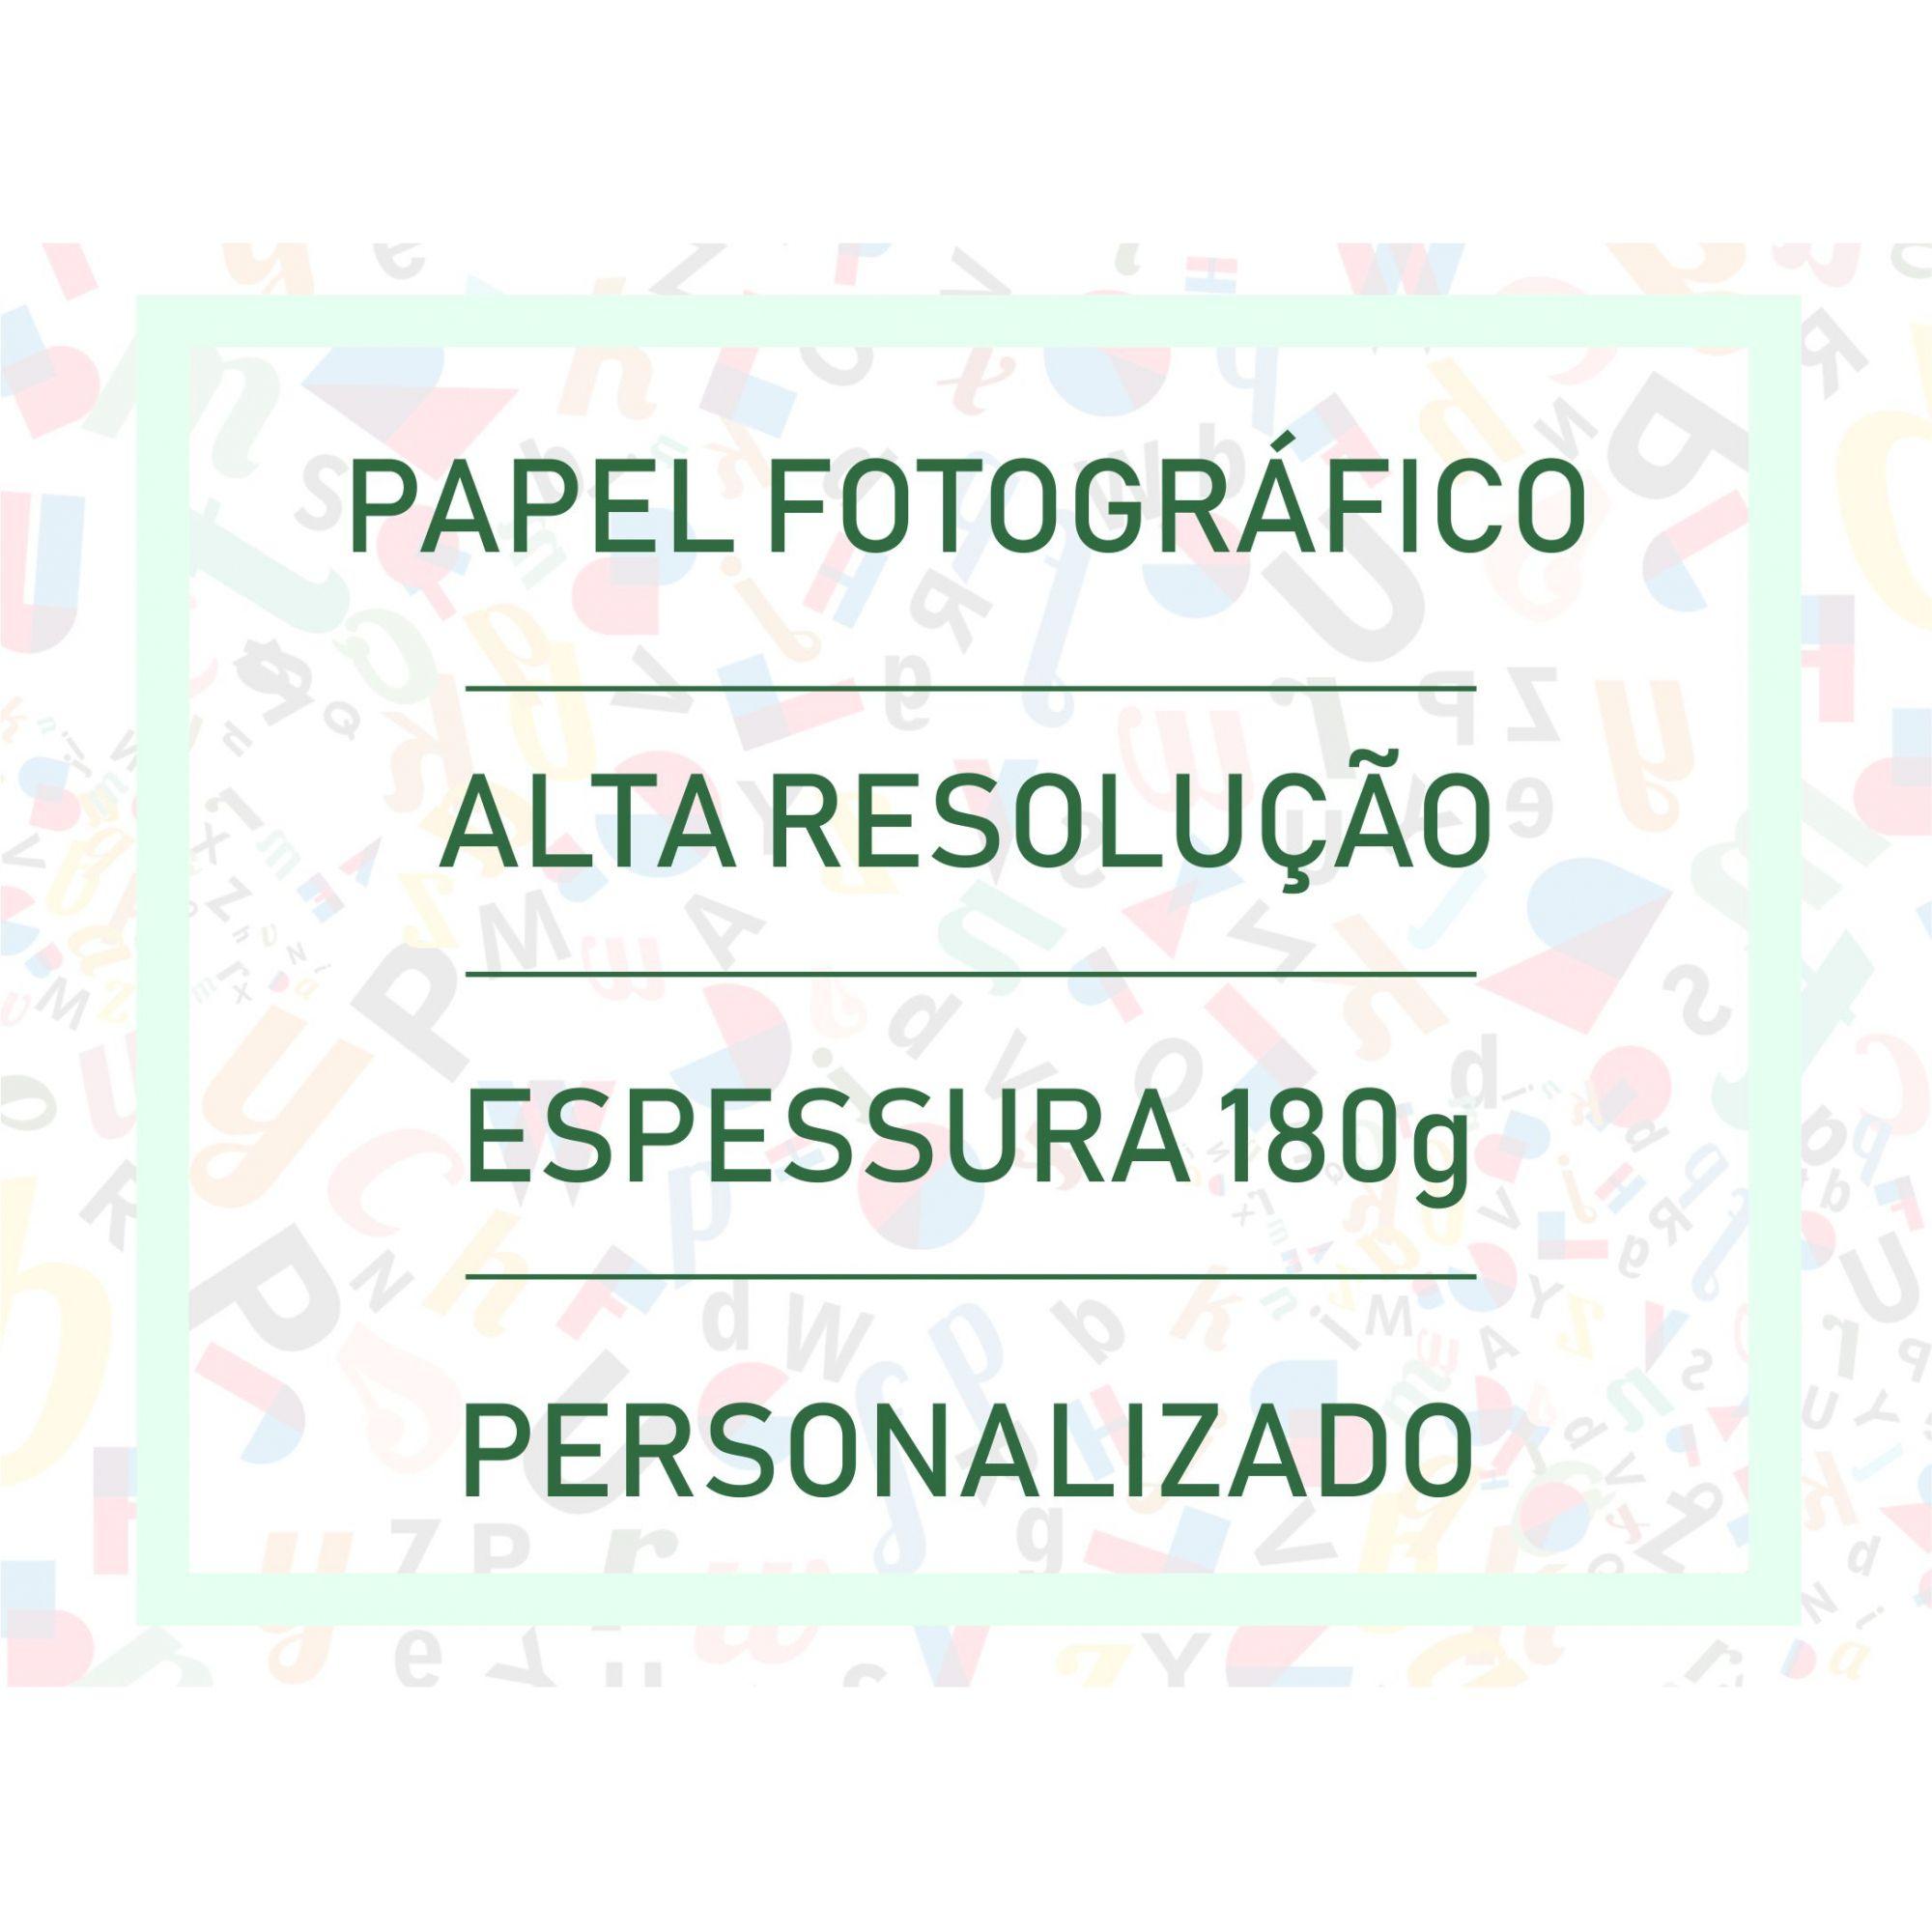 KIT 21 - 02 PRANCHAS JOGOS DE TRILHA /r/ E GRUPOS cc(r)v